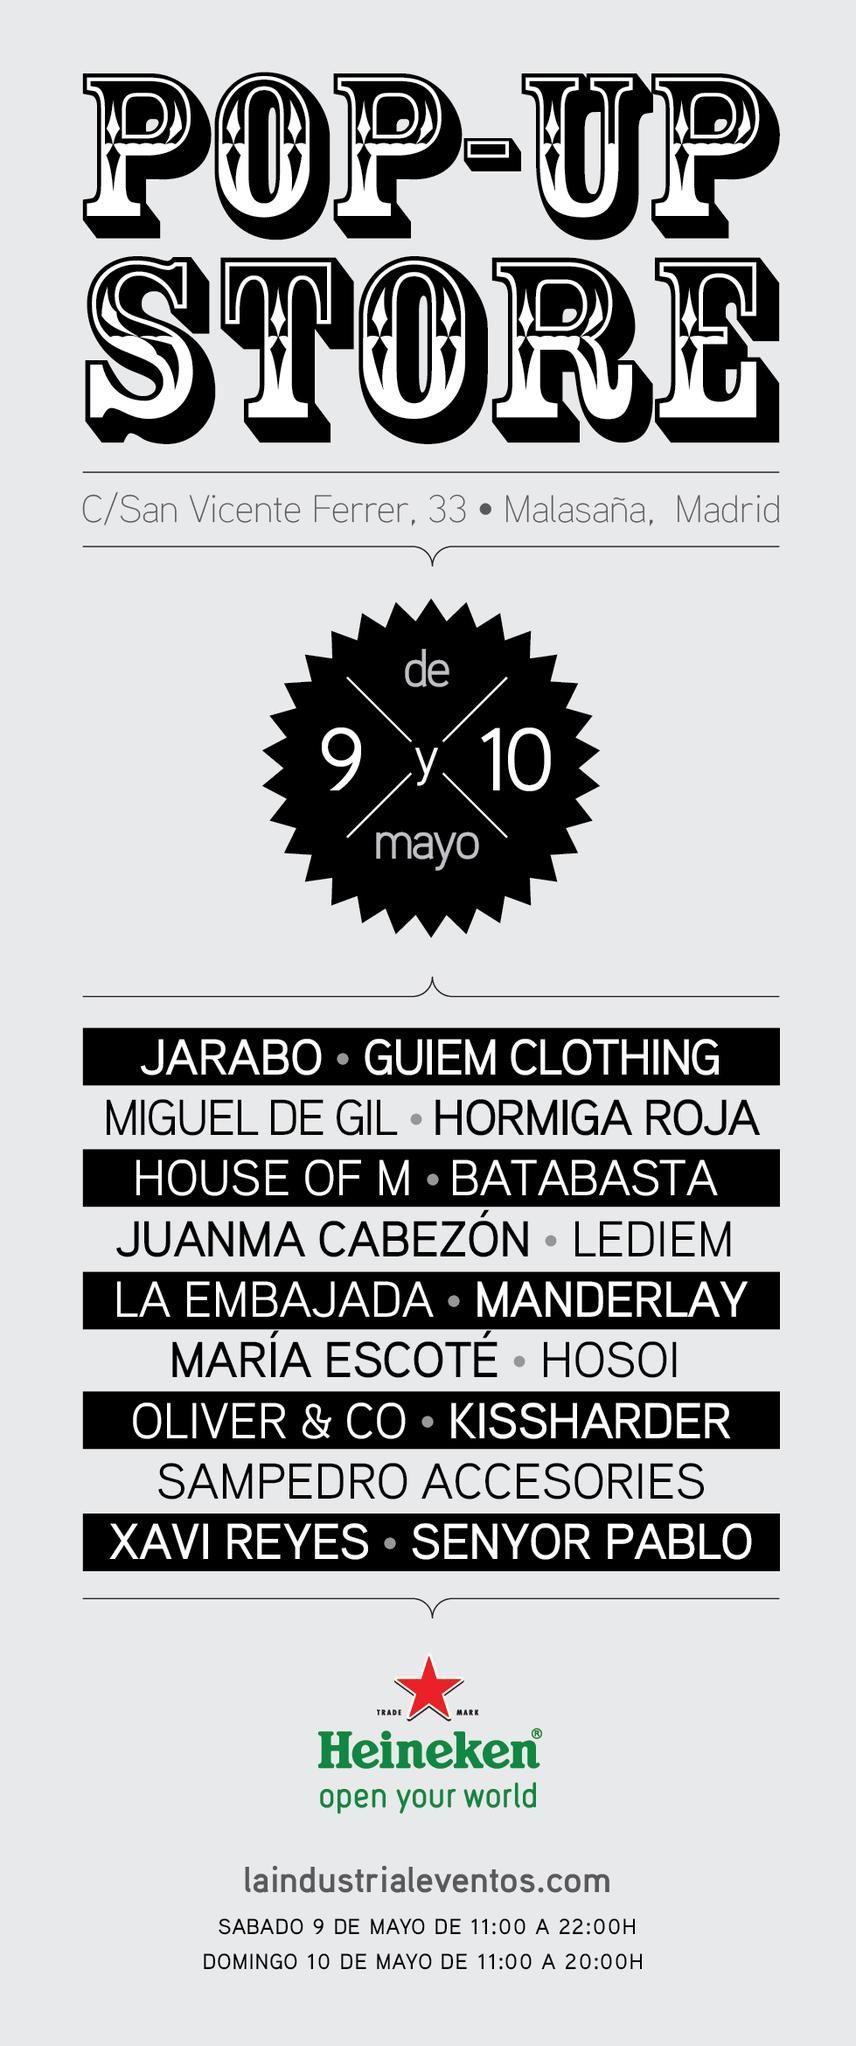 Este finde #popupmadeinspain! #popupstore! El sábado 9 de 11.00 a 22.00h y el domingo 10 de 11.00 a 20.00h En la calle San Vicente Ferrer 33 (Madrid) una estupenda selección de marcas de aquí, precios especiales, cervezas y musicón!  This weekend #popupmadeinspain! #popupstore! Saturday 9 11.00 to 22.00h on Sunday 10 from 11.00 to 20.00 San Vicente Ferrer 33 (Madrid) a great selection of Spanish brands, special prices, beers and music!